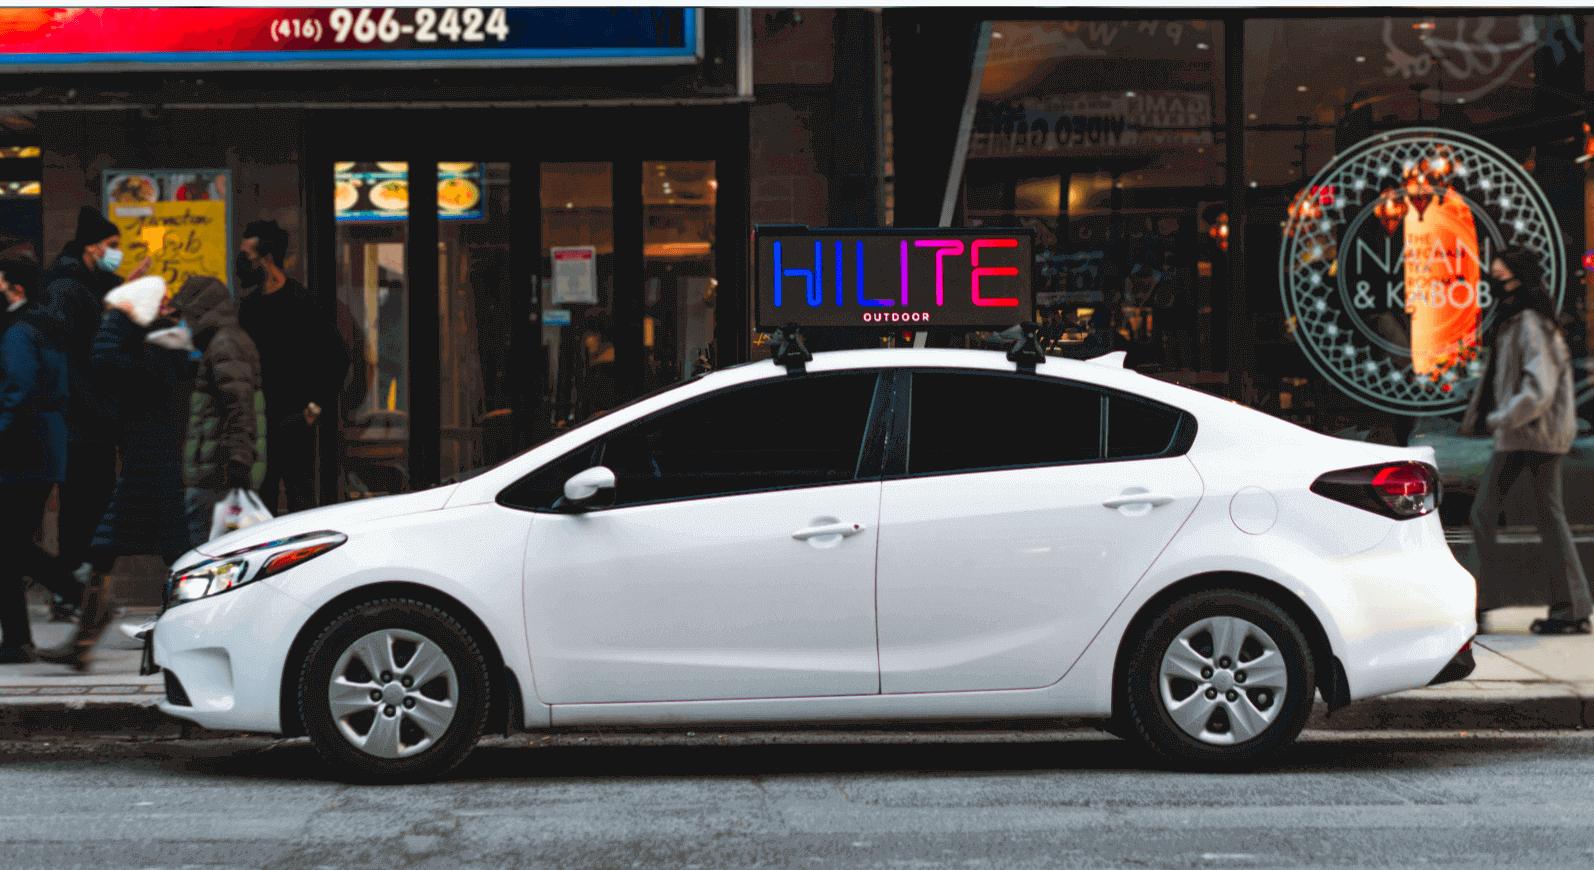 Hilite Outdoor Car Top DOOH Screen